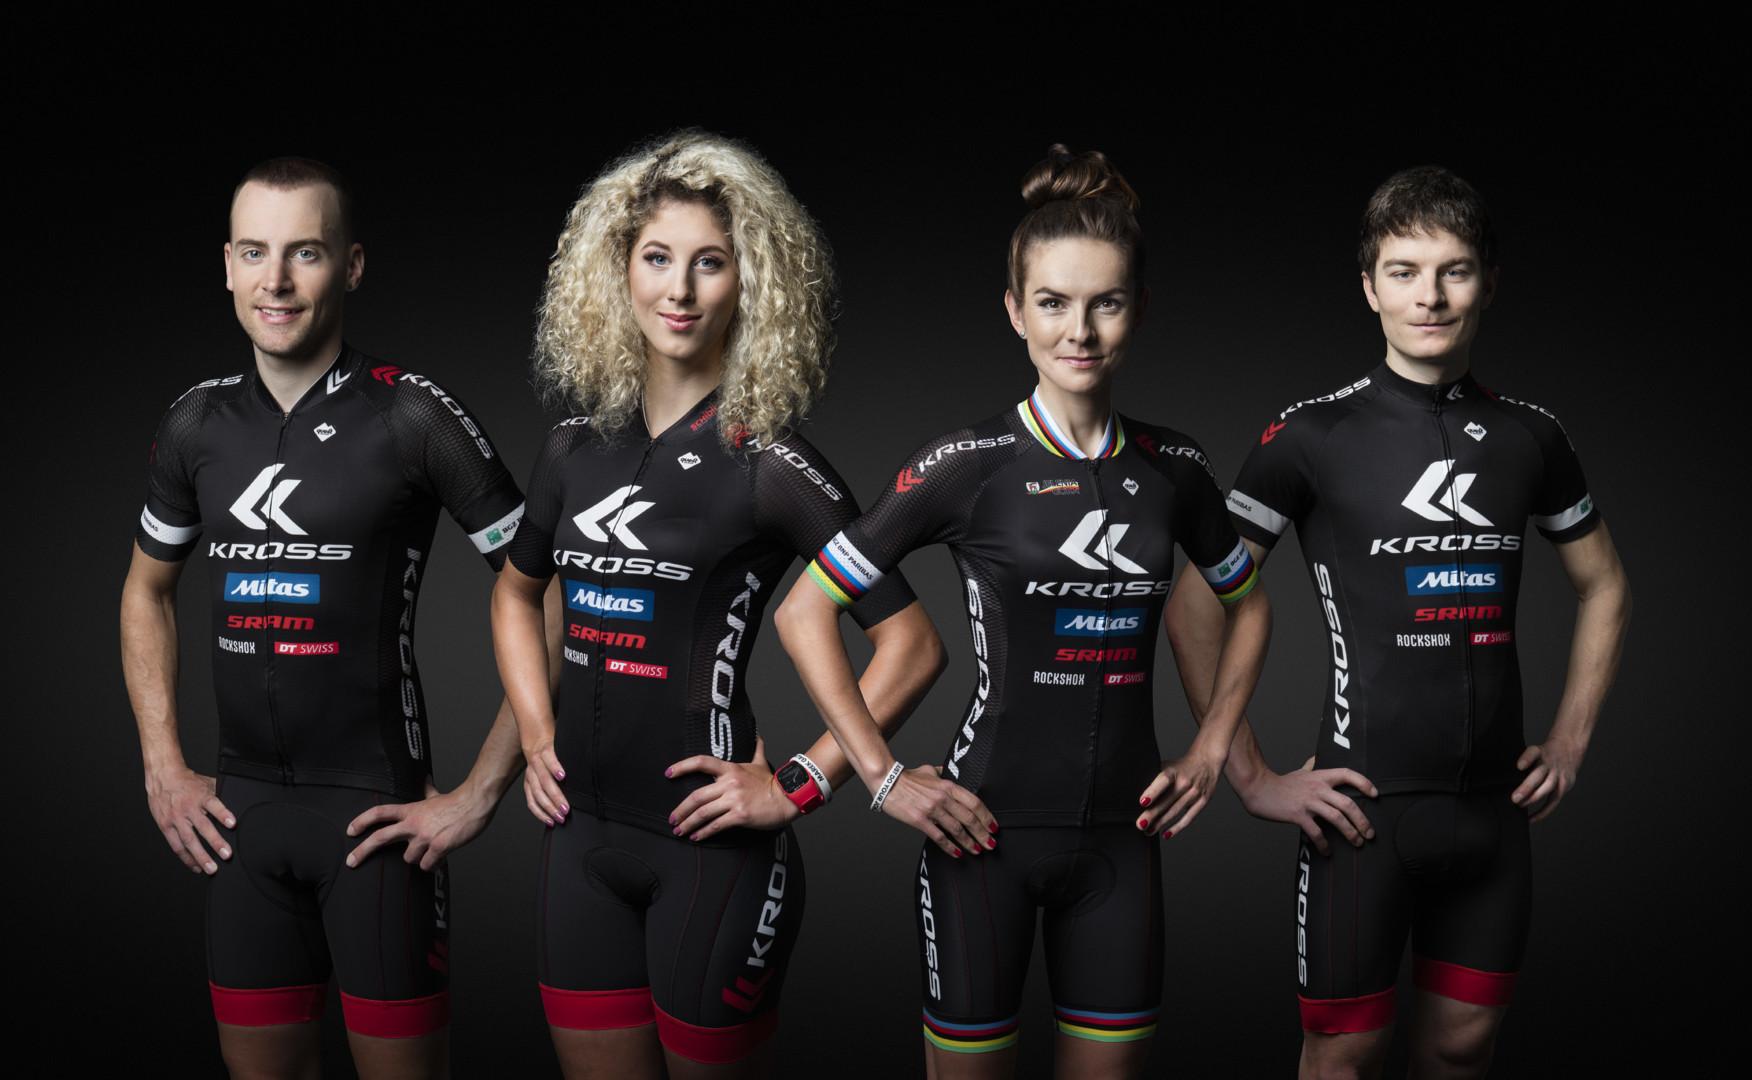 KROSS Racing Team trzecim najlepszym zespołem w światowym rankingu